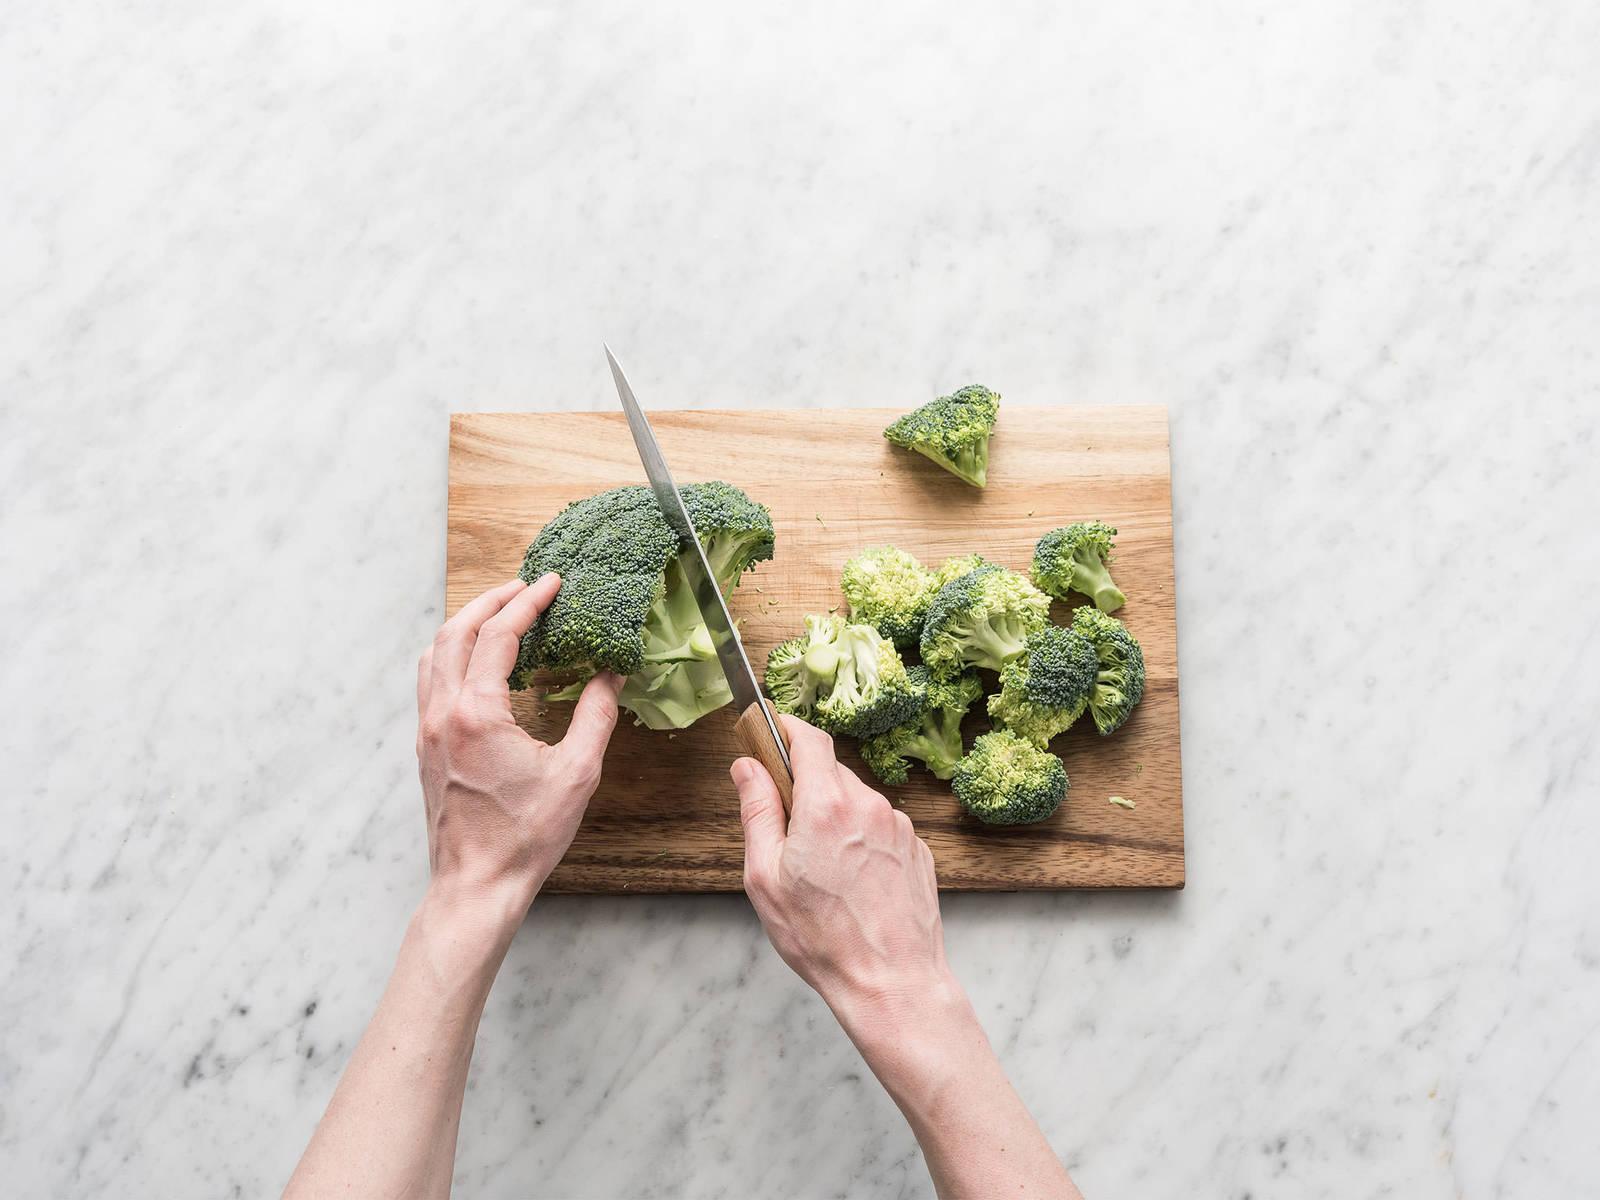 Brokkoli in mundgerechte Röschen schneiden. Großen Topf zur Hälfte mit gesalzenem Wasser füllen, aufkochen und Brokkoli ca. 2 – 3 Min. blanchieren. Abgießen und beiseitestellen.